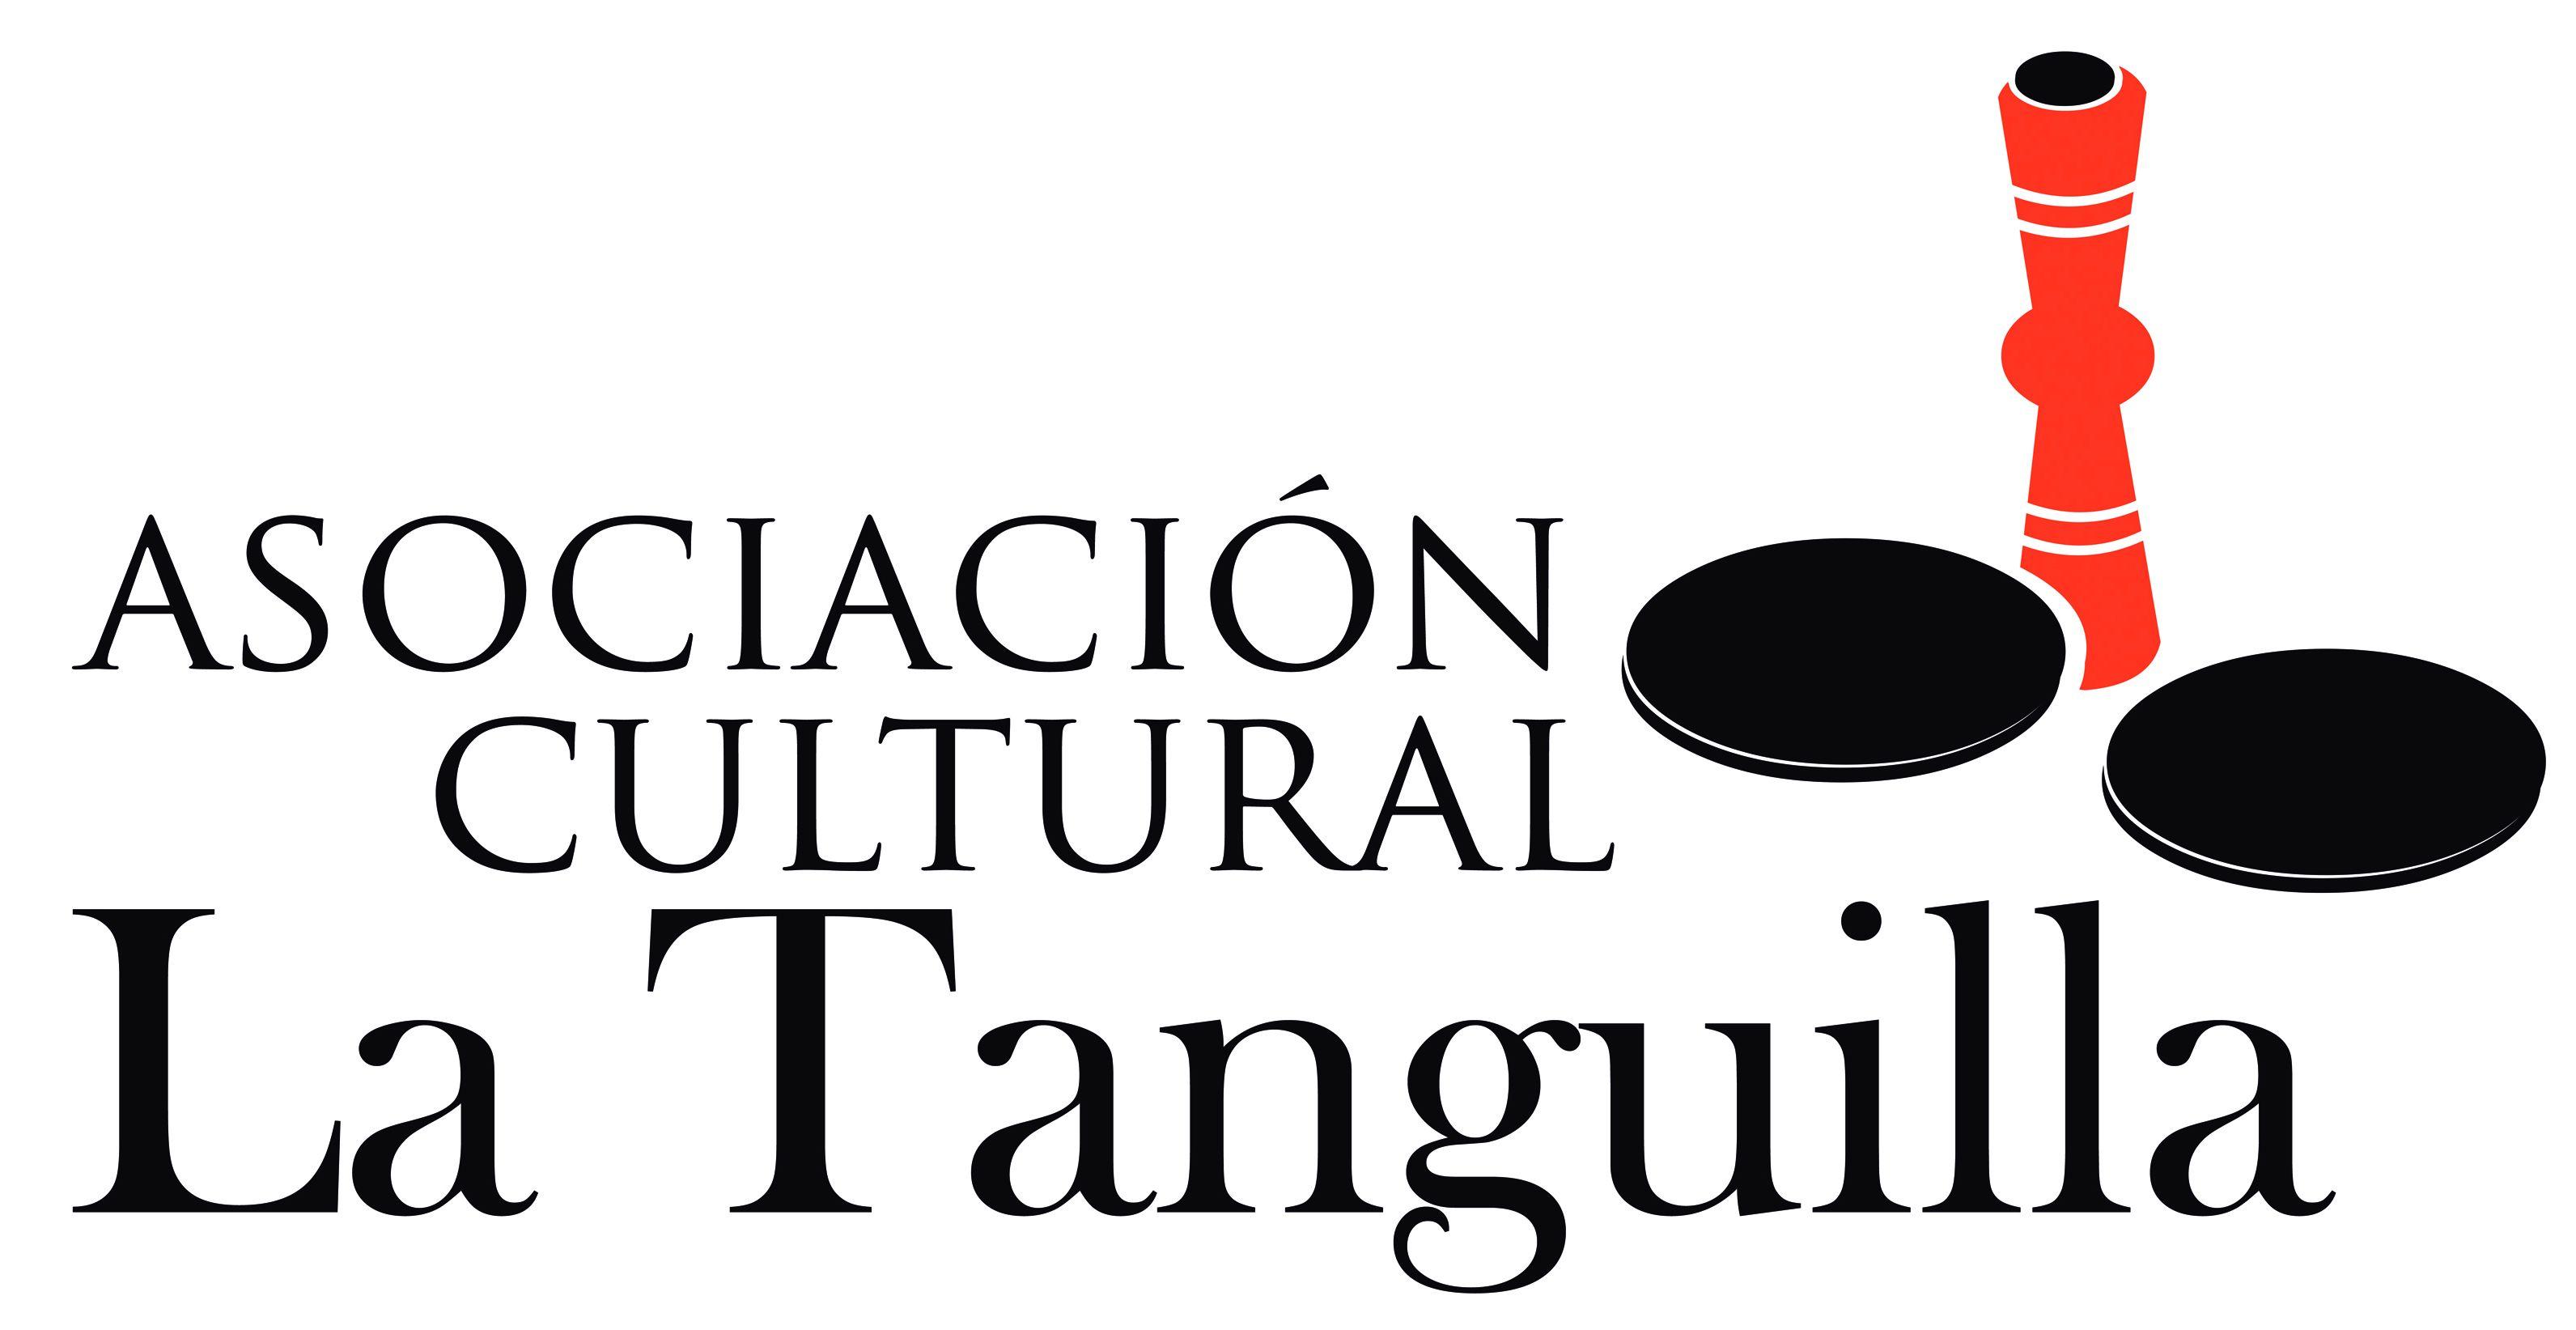 Nuevo logotipo, diseñado por Duero Imagen, con motivo del 20 aniversario de la Asociación